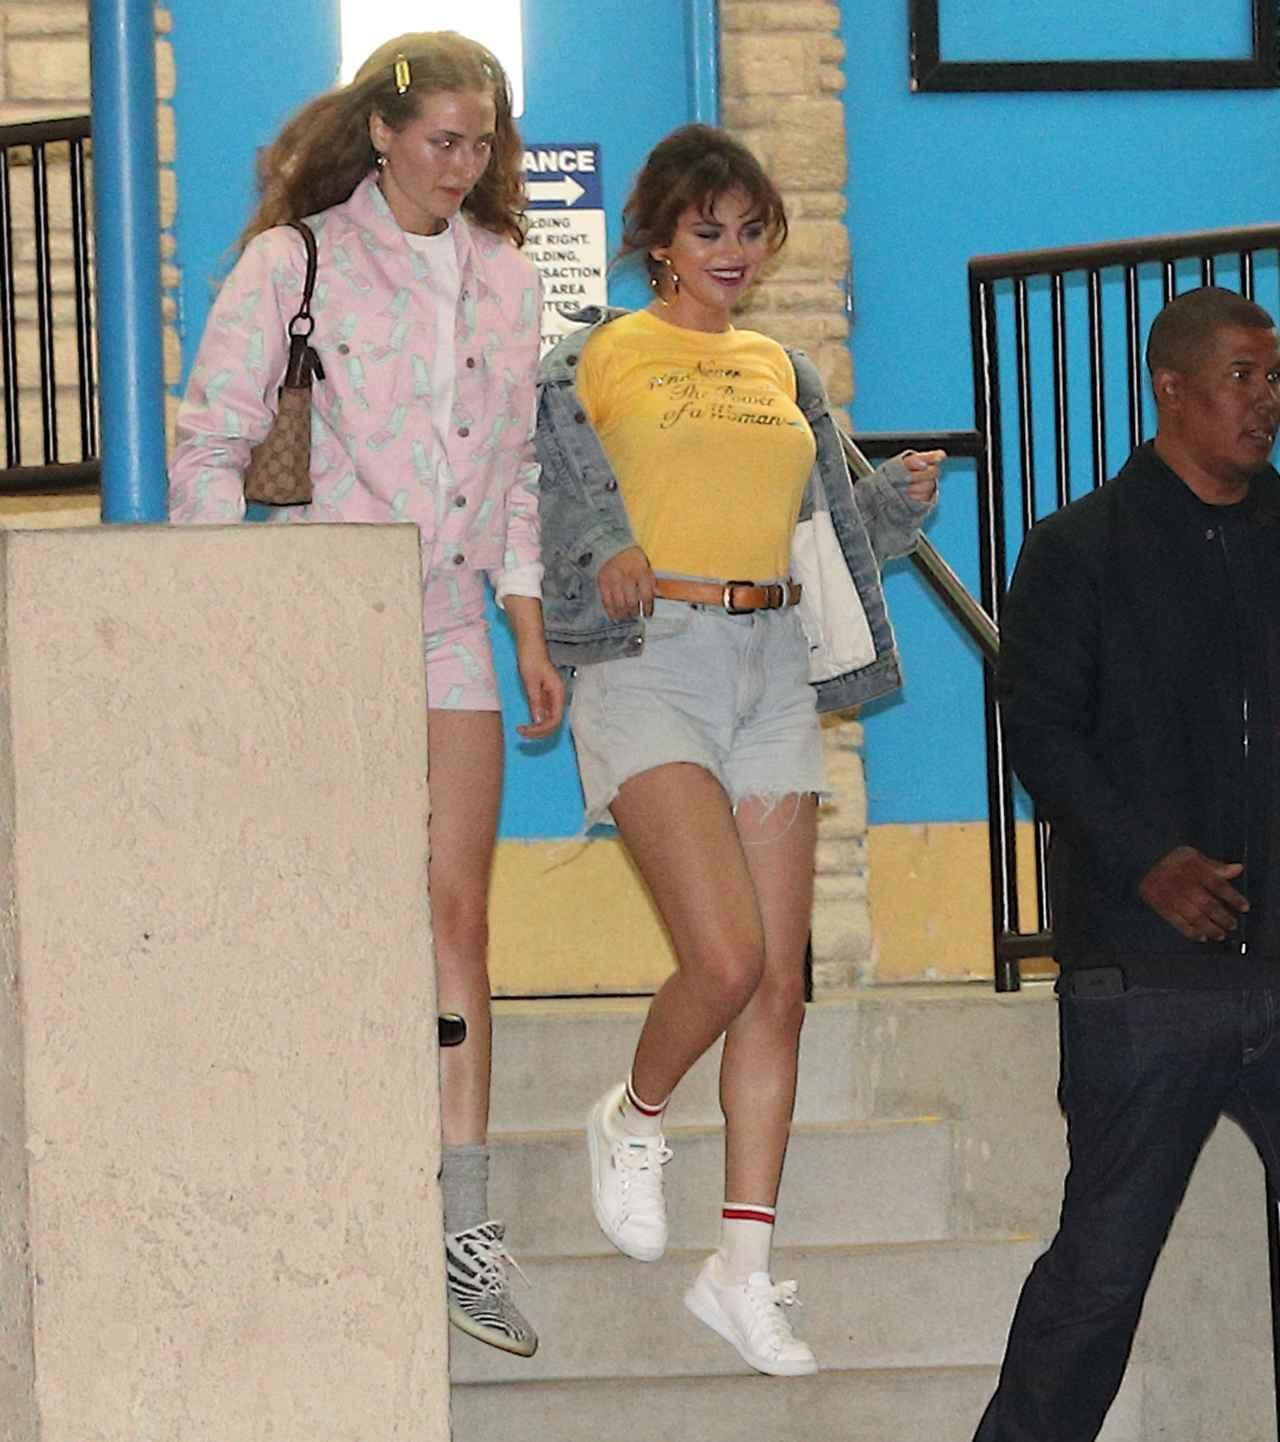 画像4: セレーナ・ゴメス、ジャスティンと破局報道後に着たTシャツのメッセージが話題